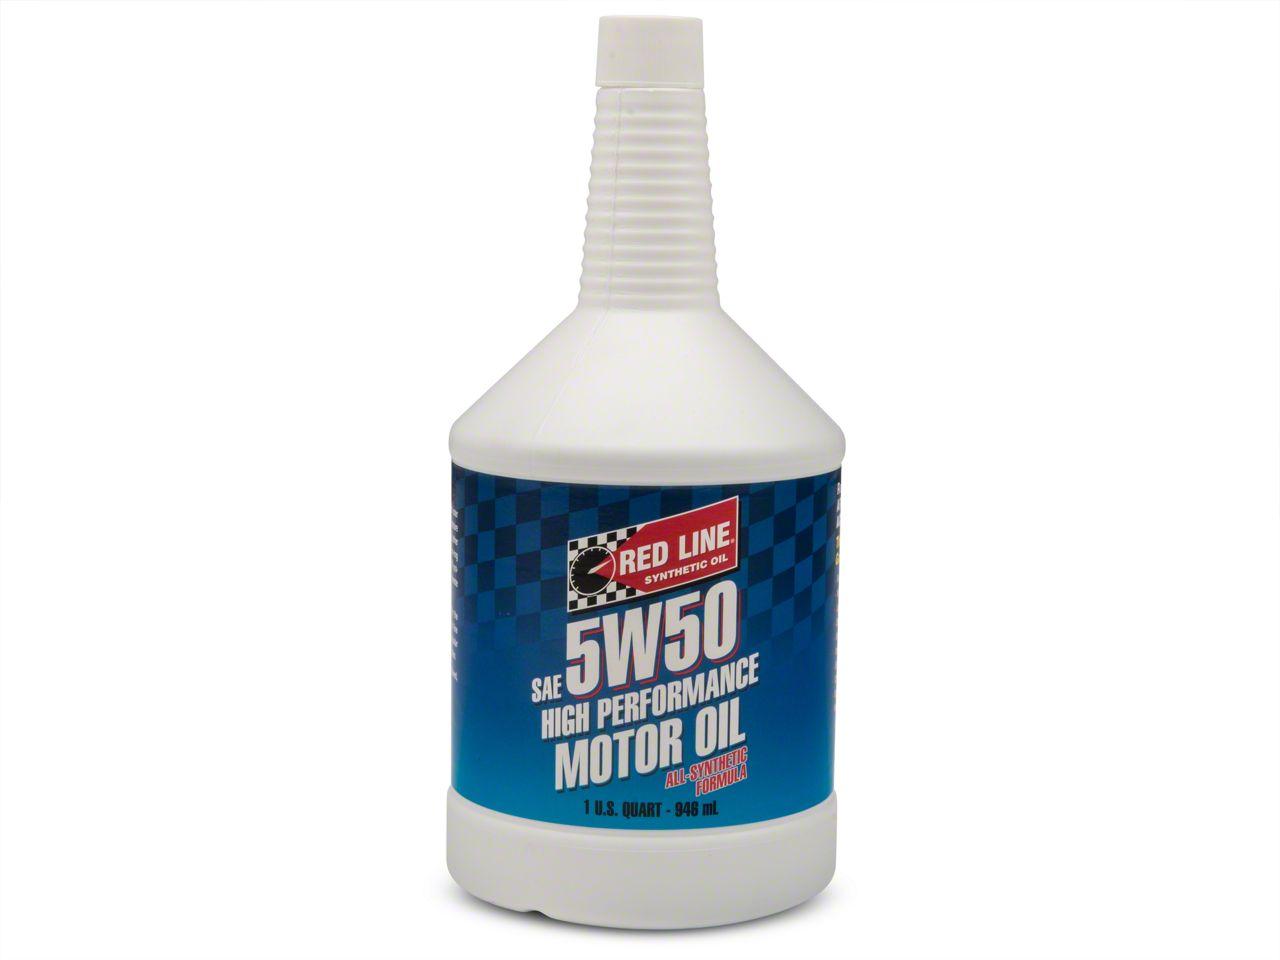 Synthetic 5w50 Motor Oil